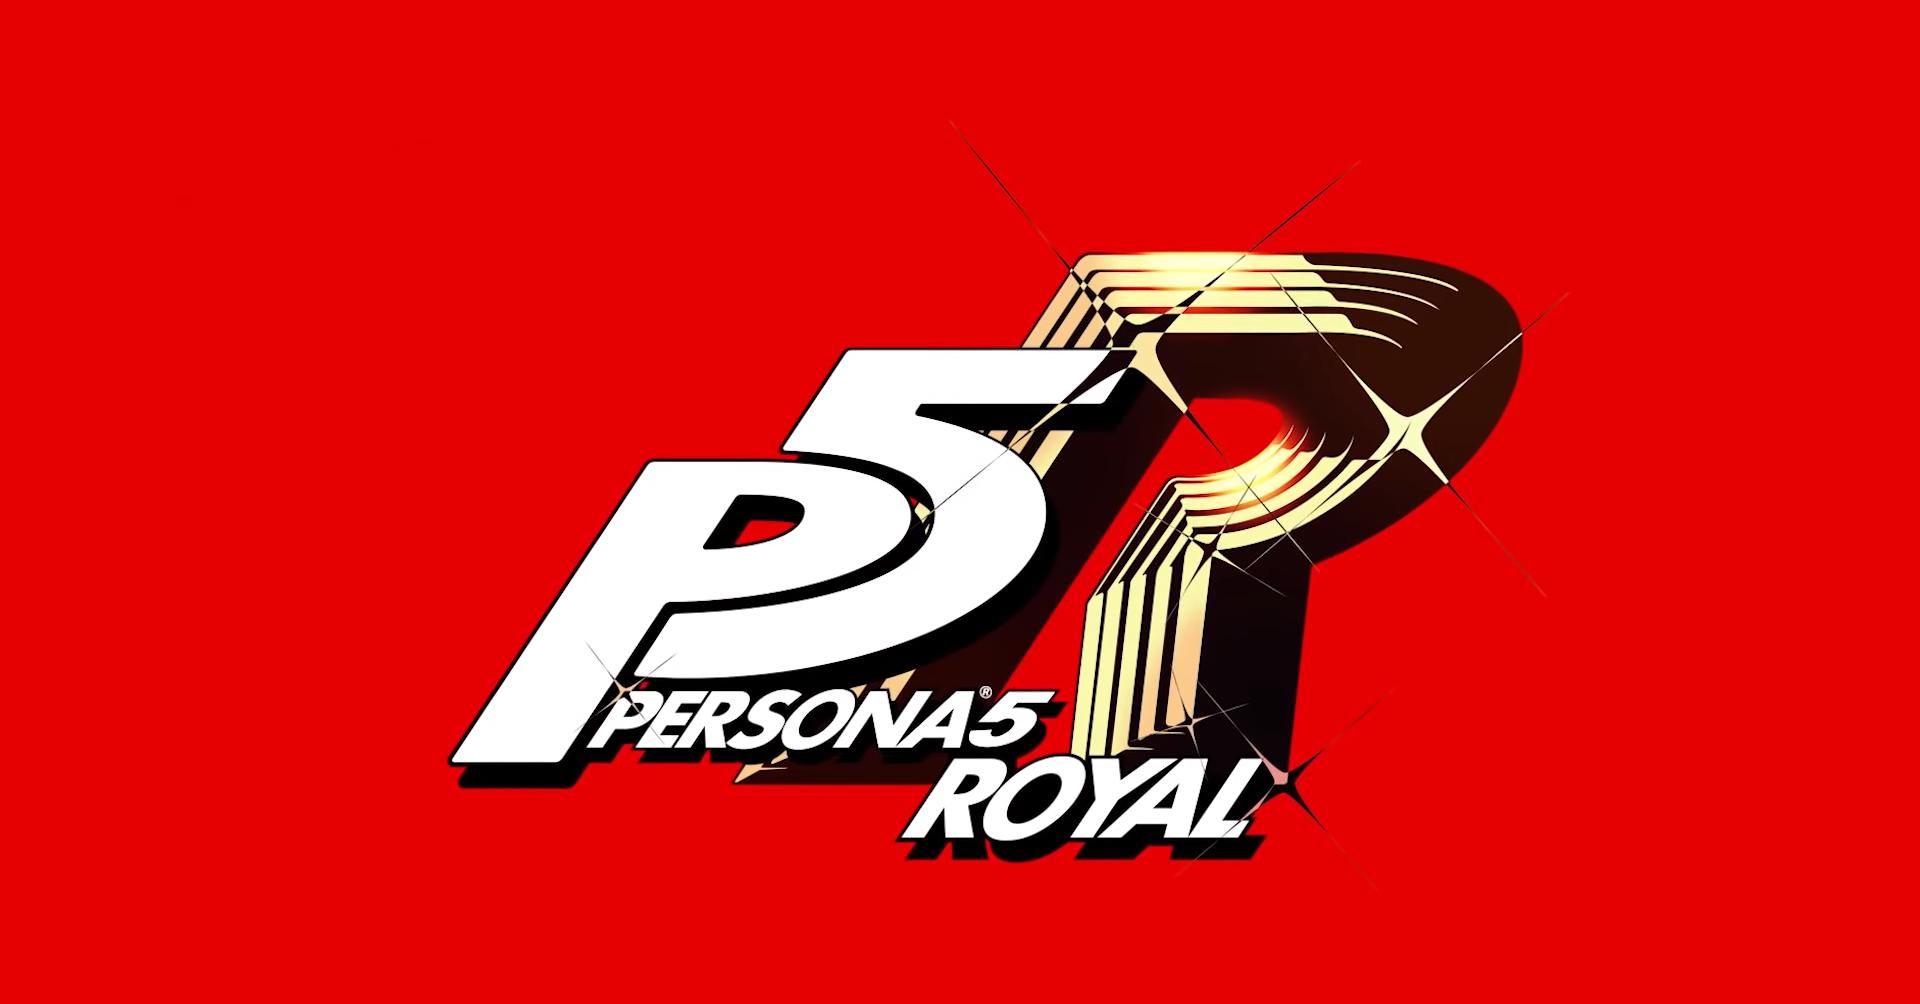 Persona 5 Royal